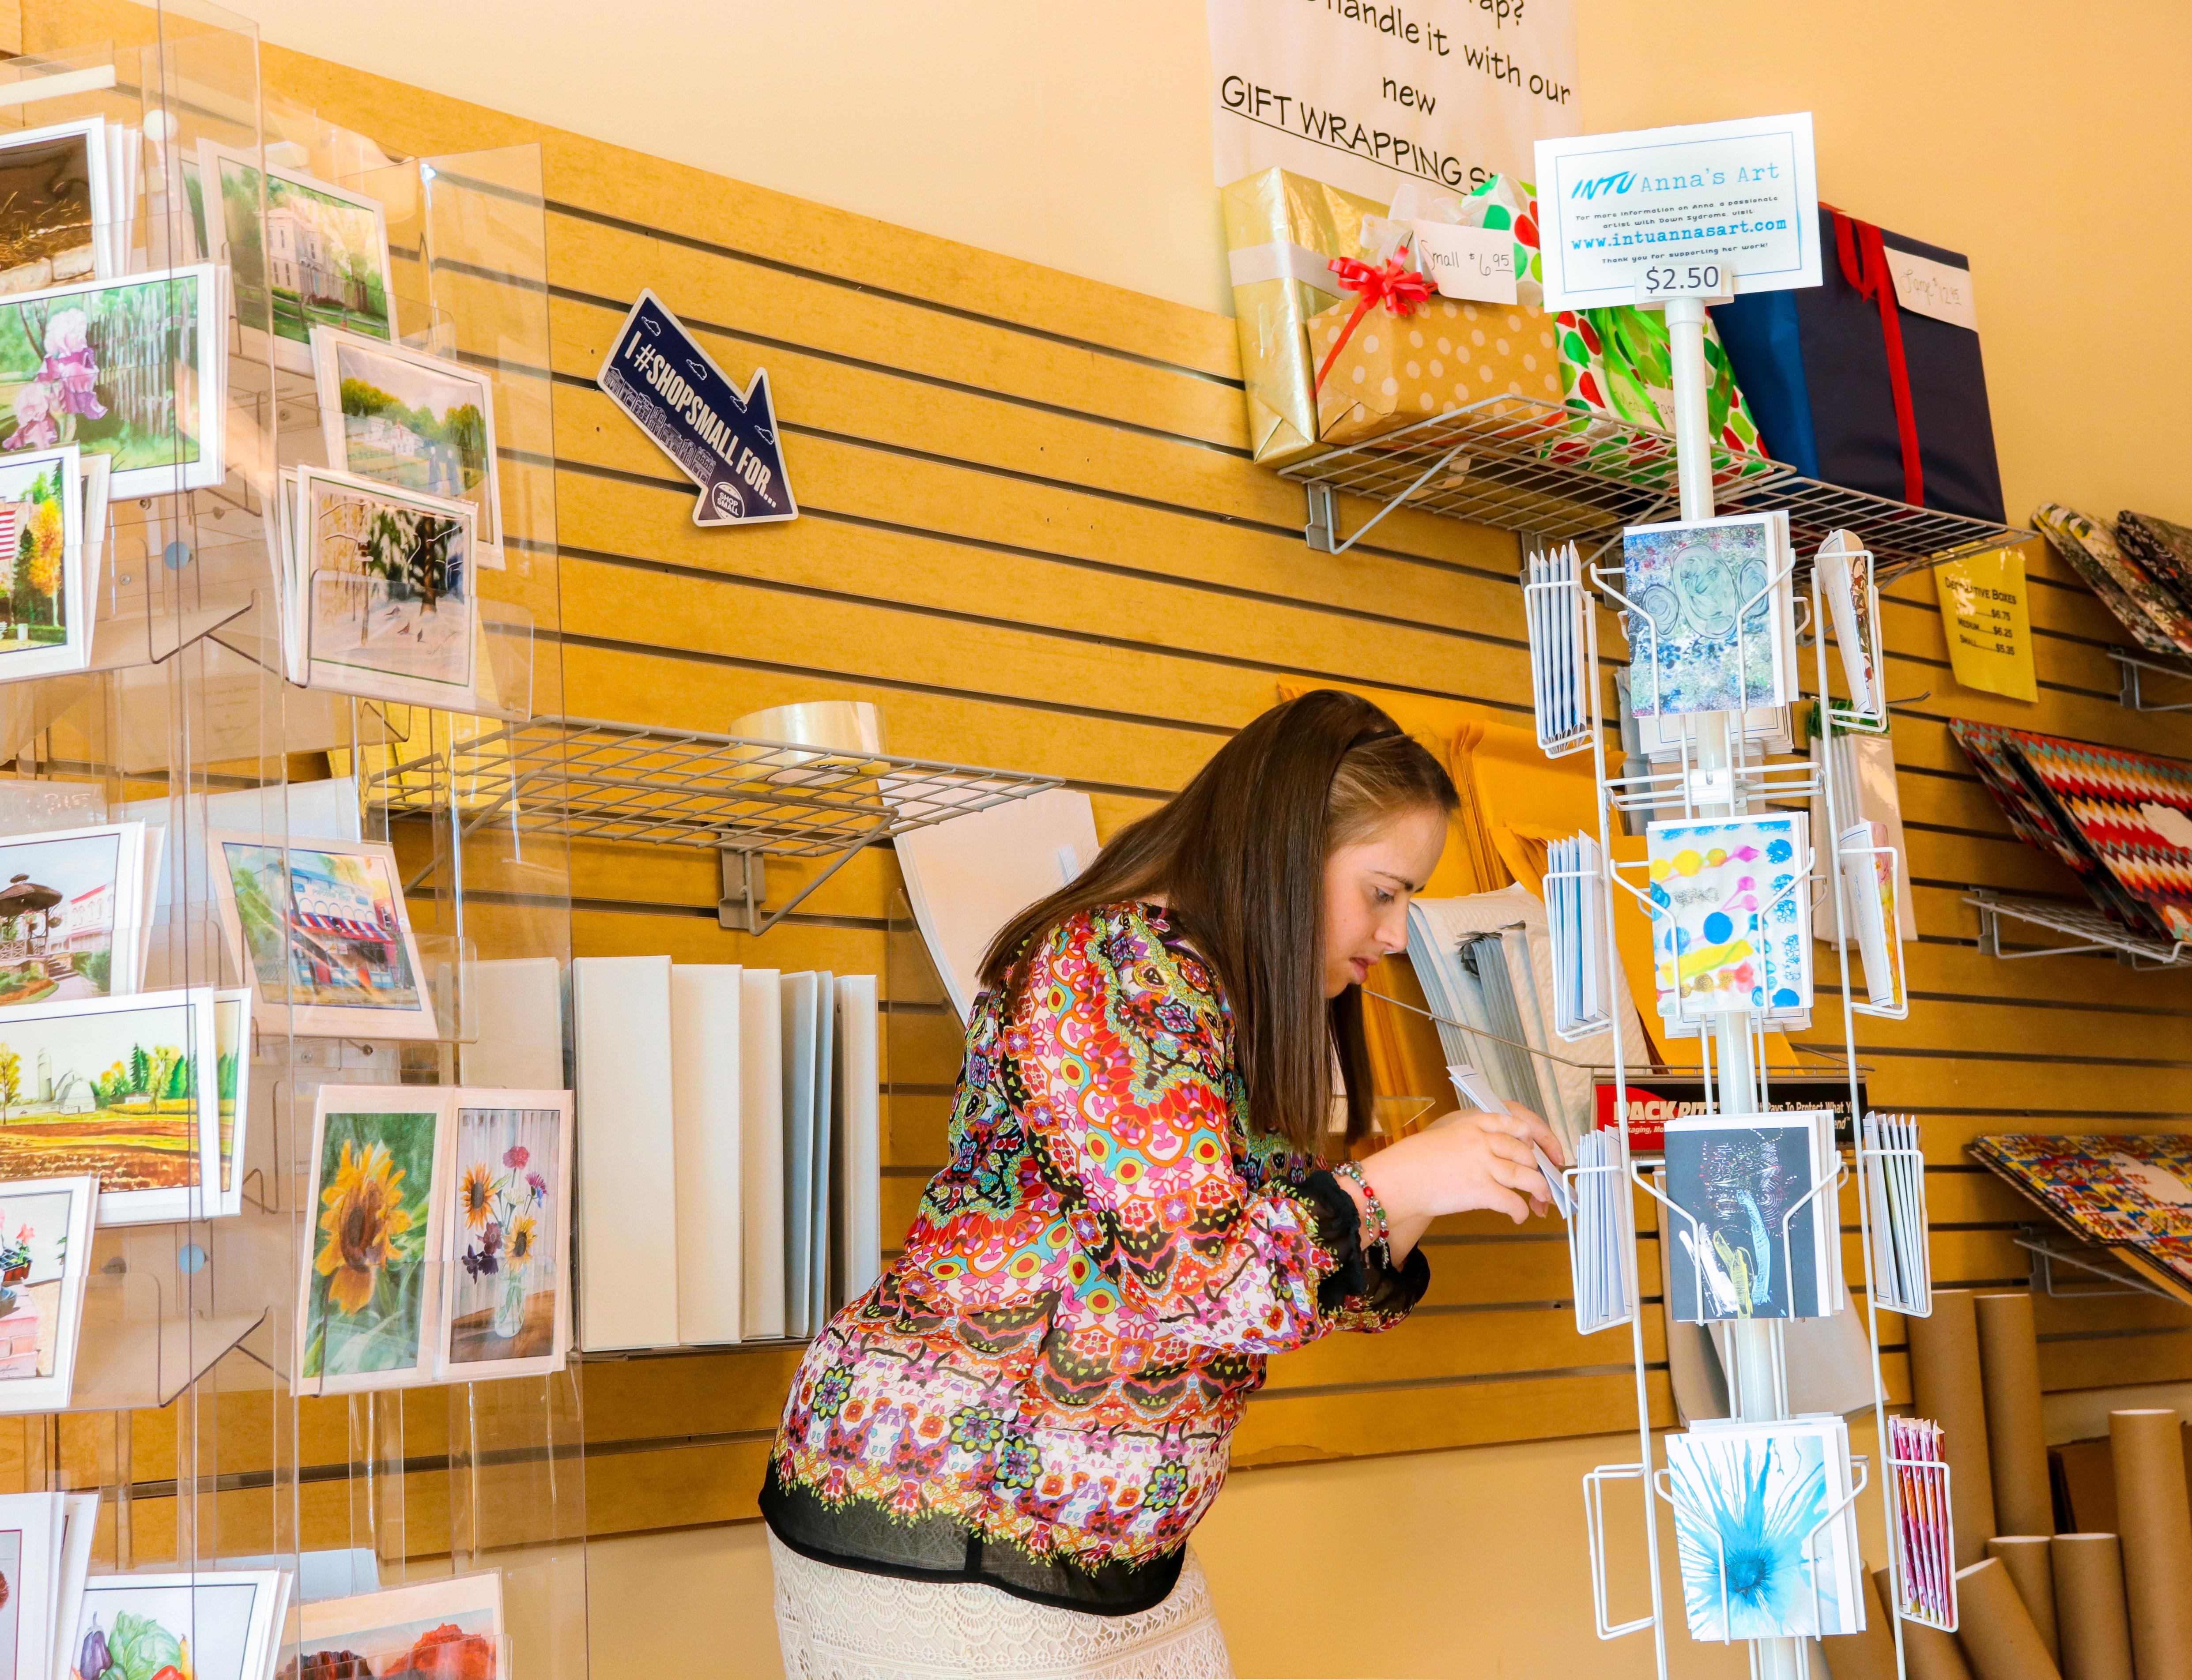 Anne Restocking cards At drugmart